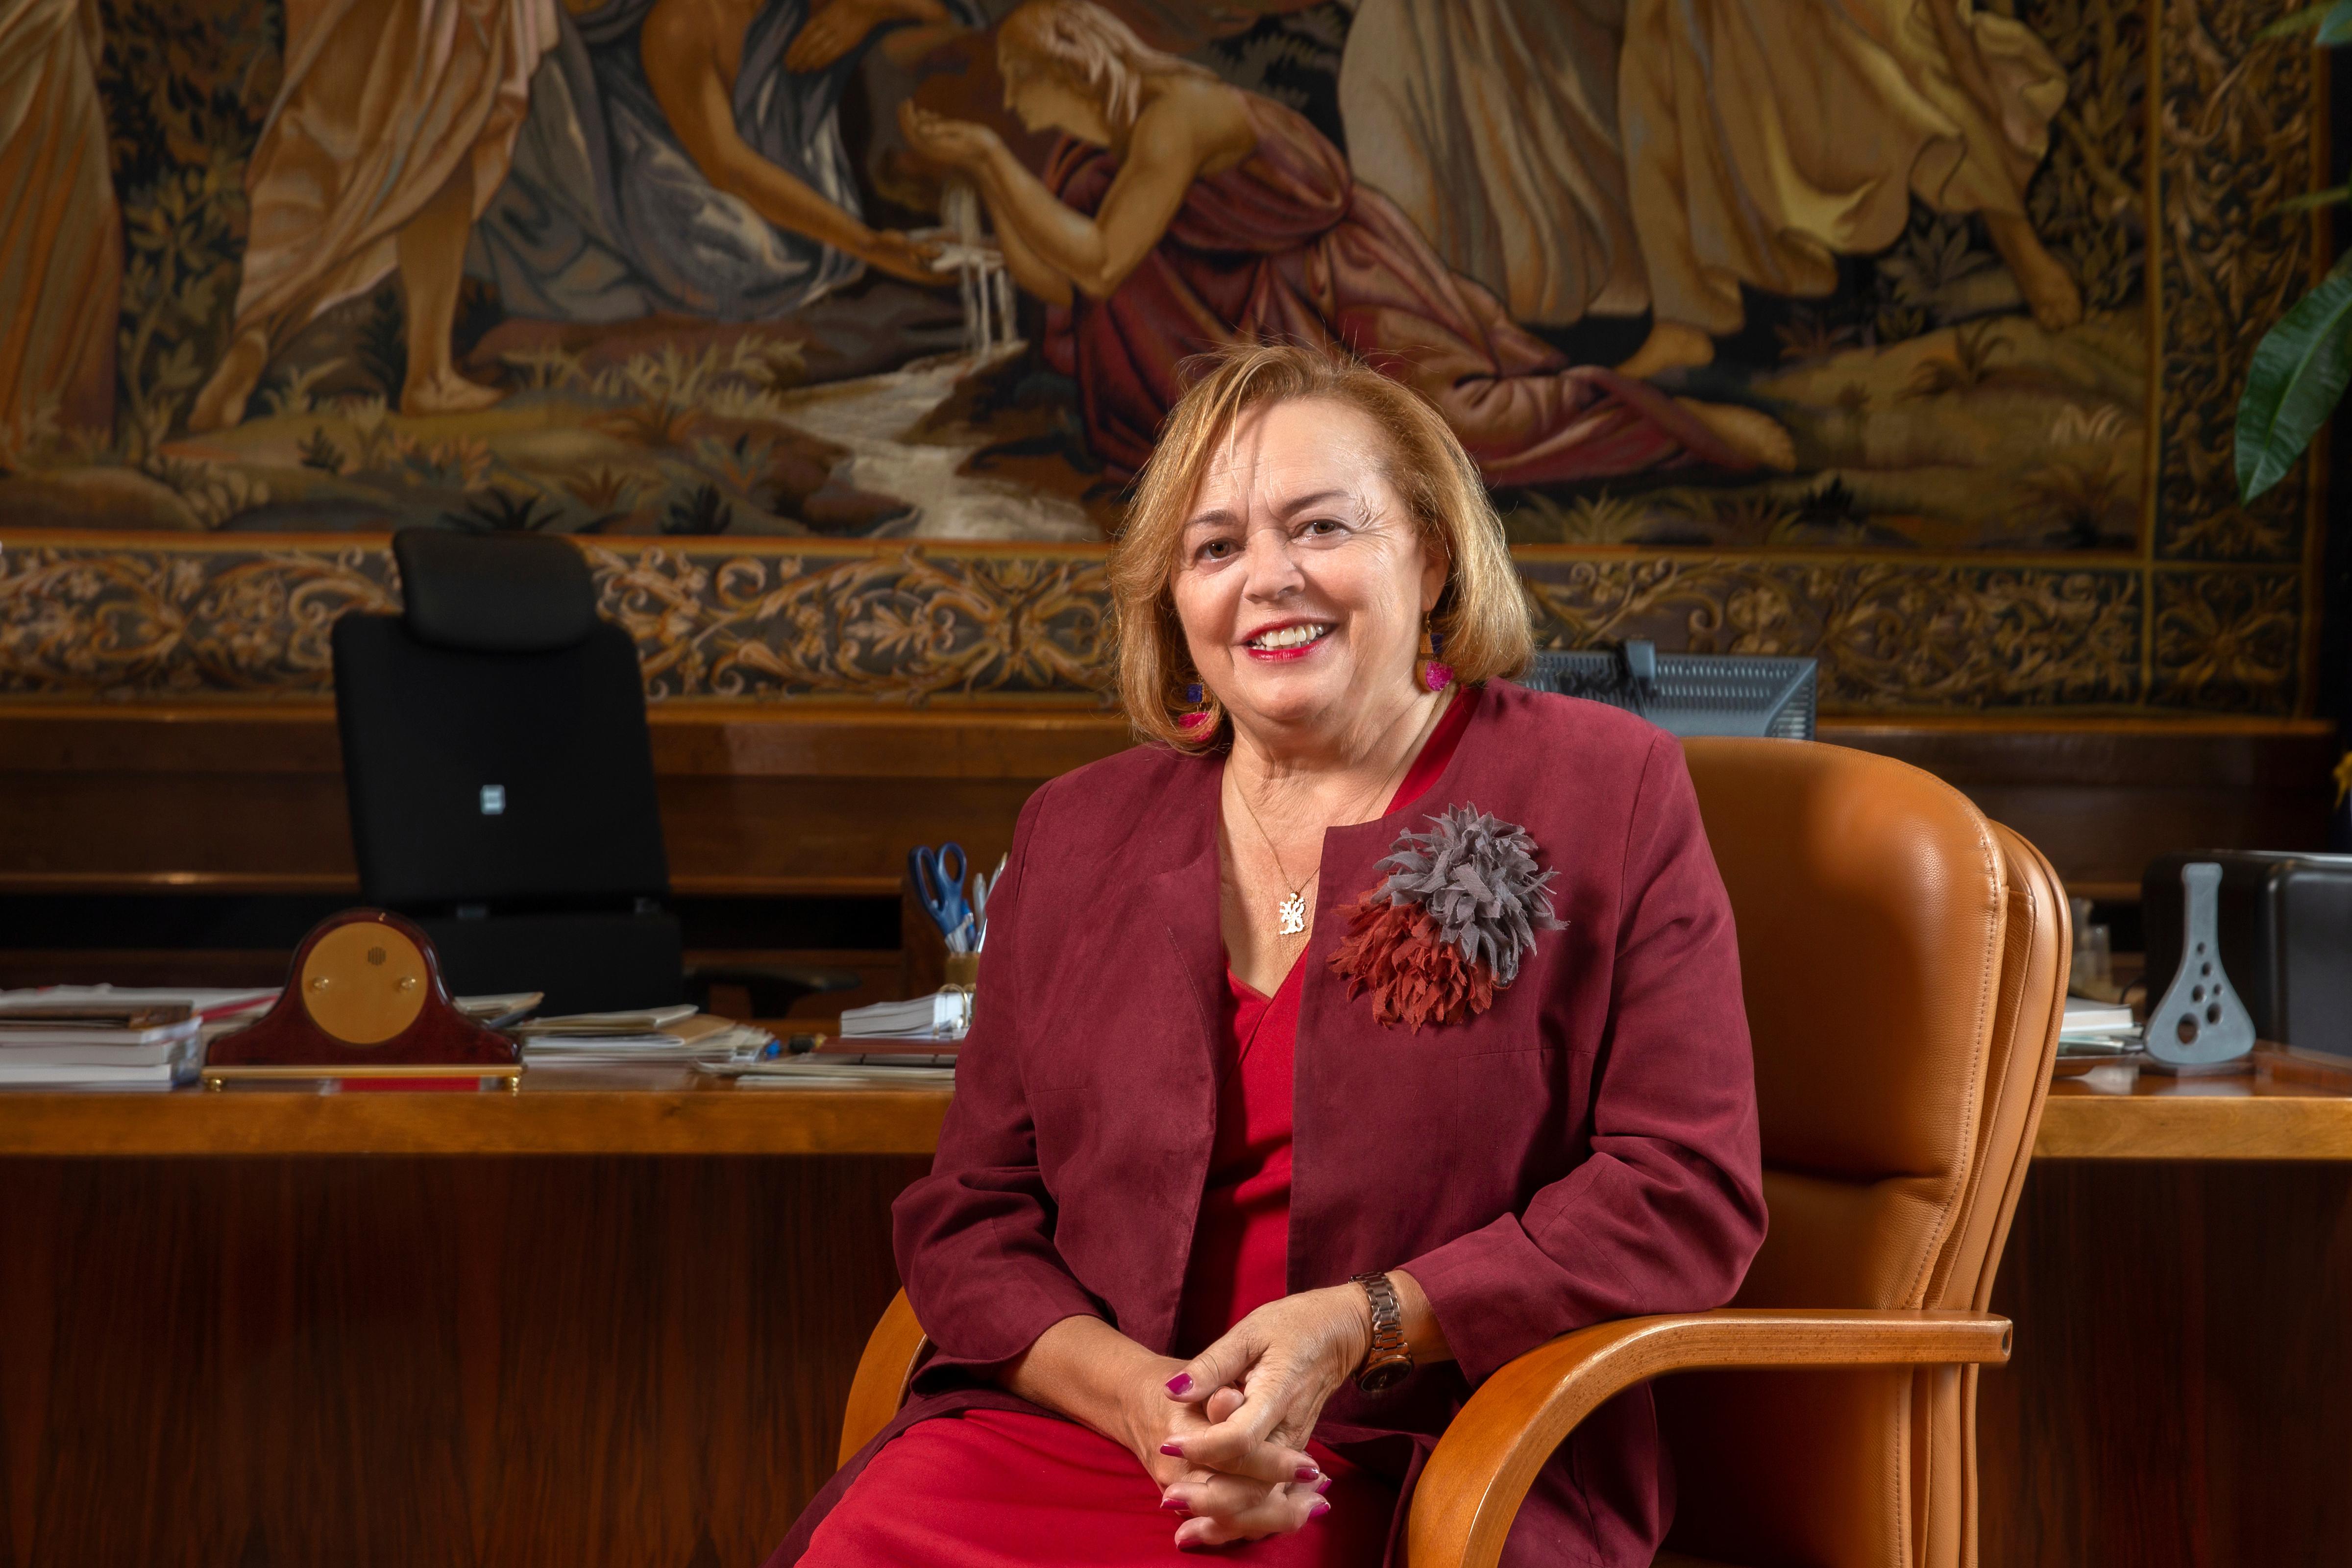 imagen de La presidenta del Consejo Superior de Investigaciones Científicas (CSIC), Rosa Menéndez. / Joan Costa CSIC Comunicación